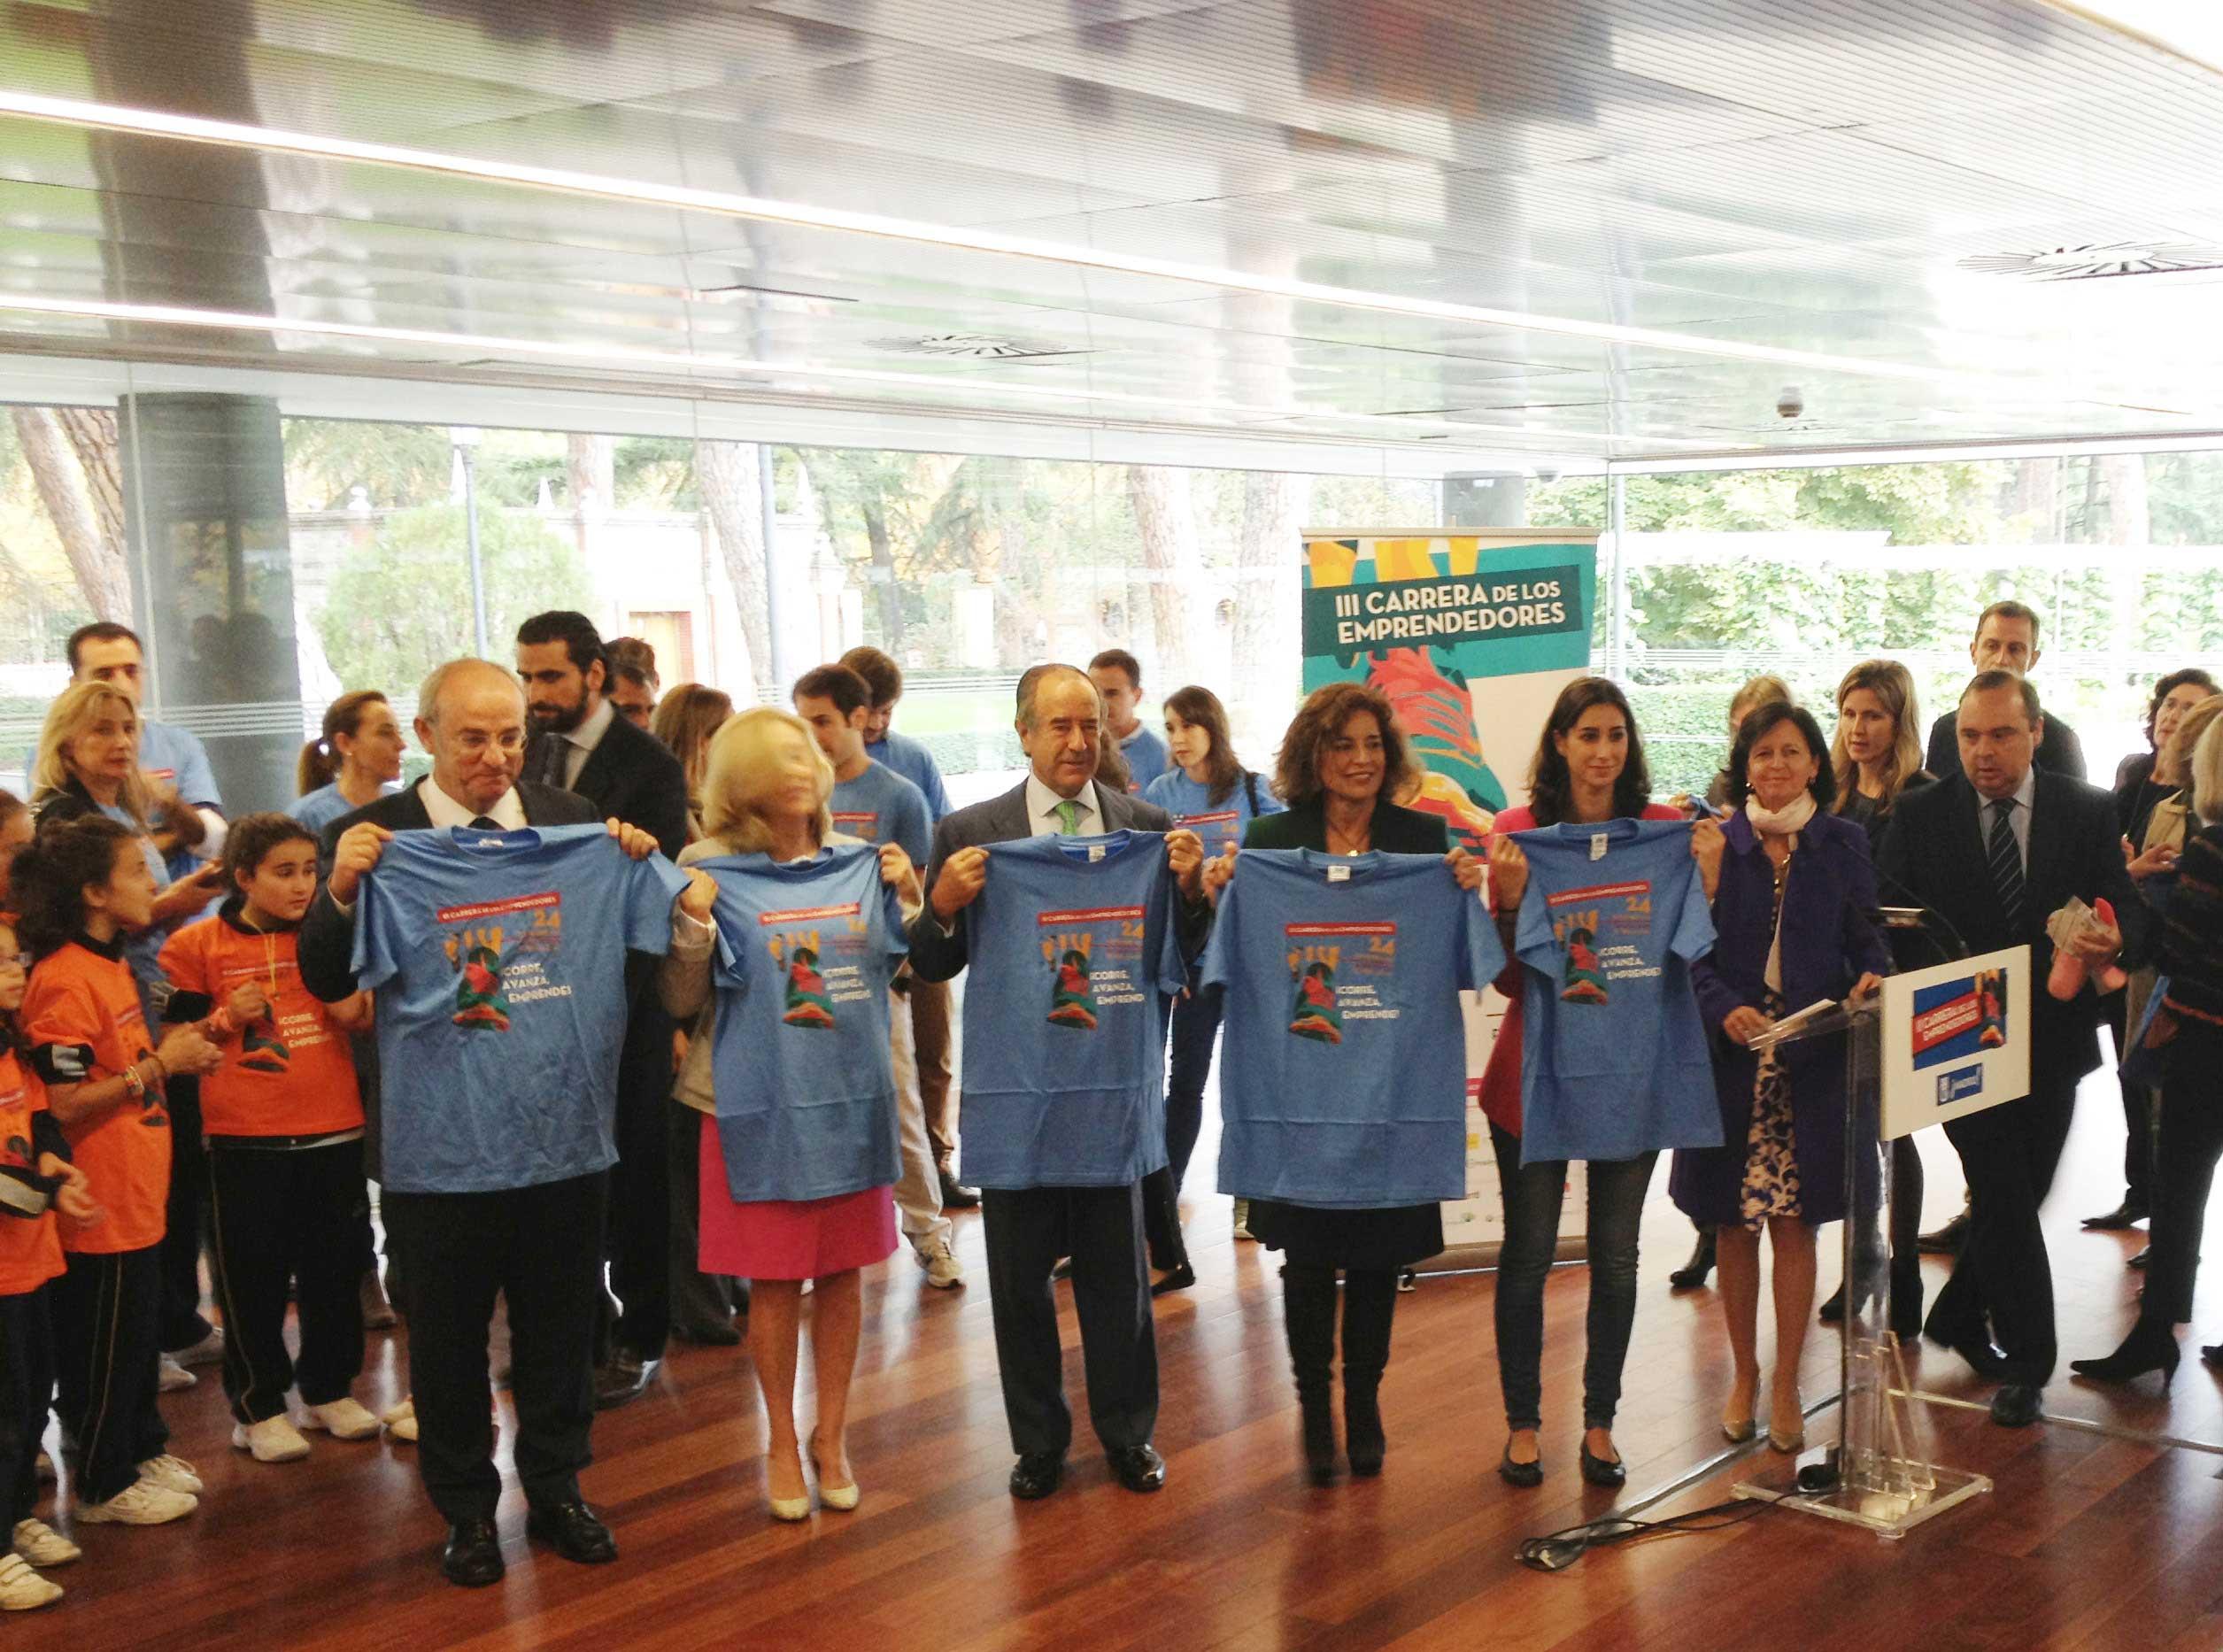 La Alcaldesa de Madrid, Ana Botella, presentó la III Carrera de los Emprendedores, que reunirá a miles de corredores